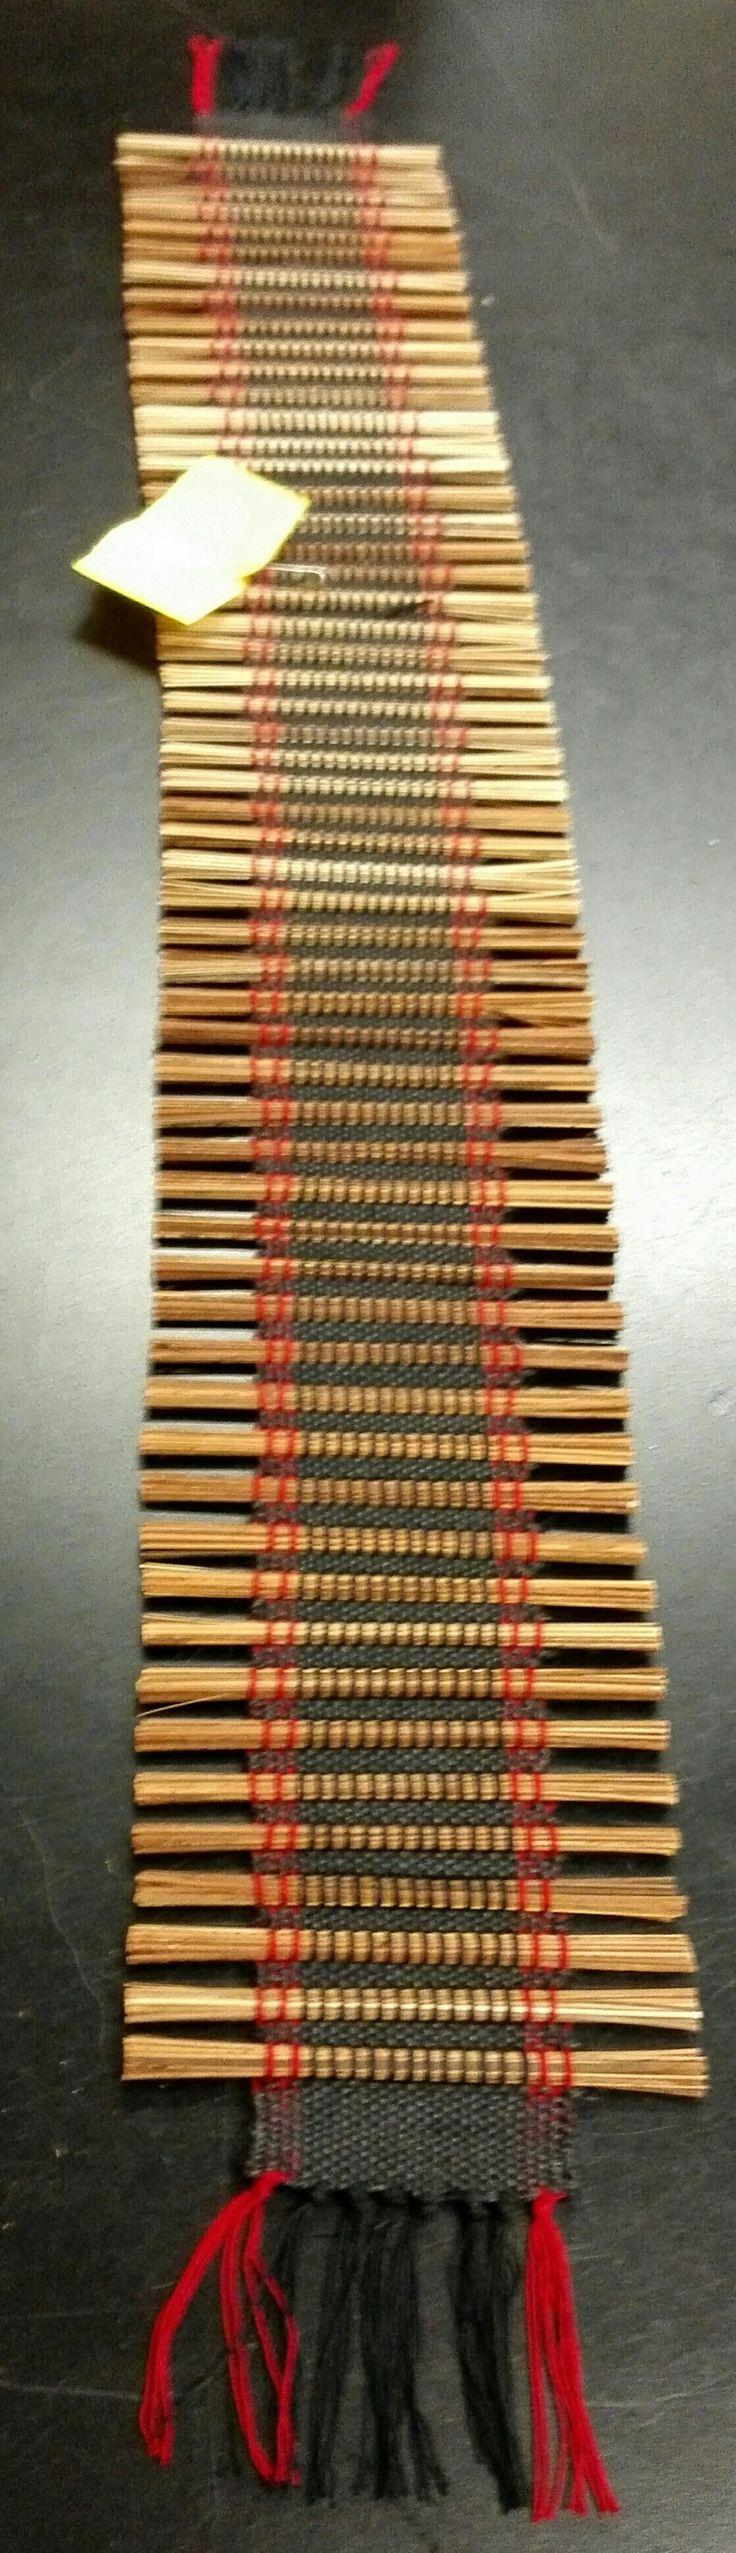 Kapea pöydänpäälinen n.91cm pitkä + hapsut.